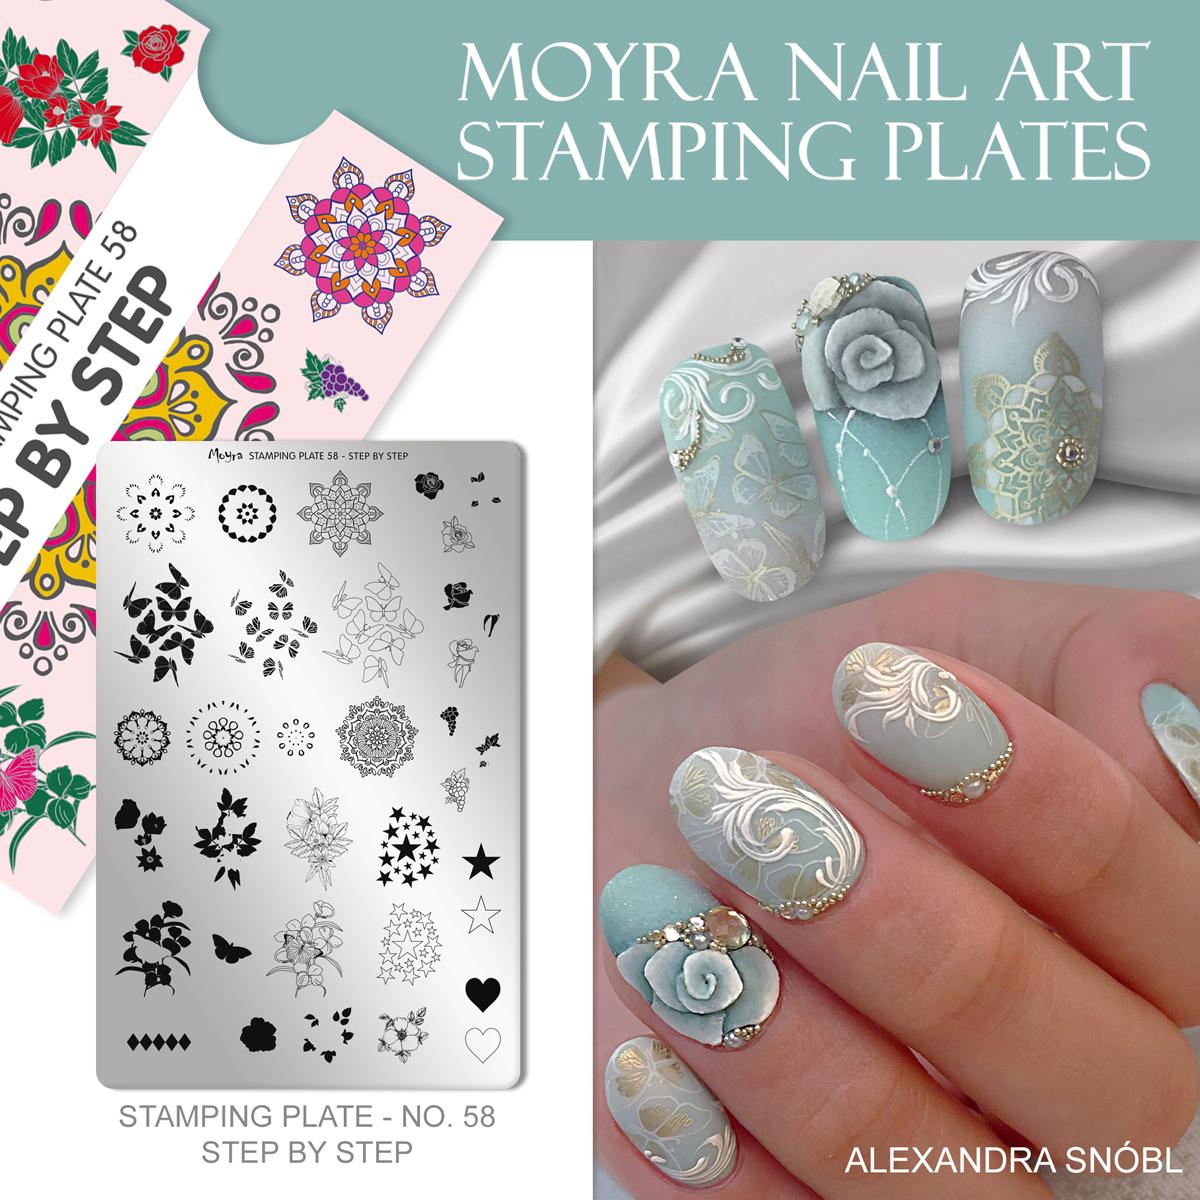 Moyra – moyrastamping.com